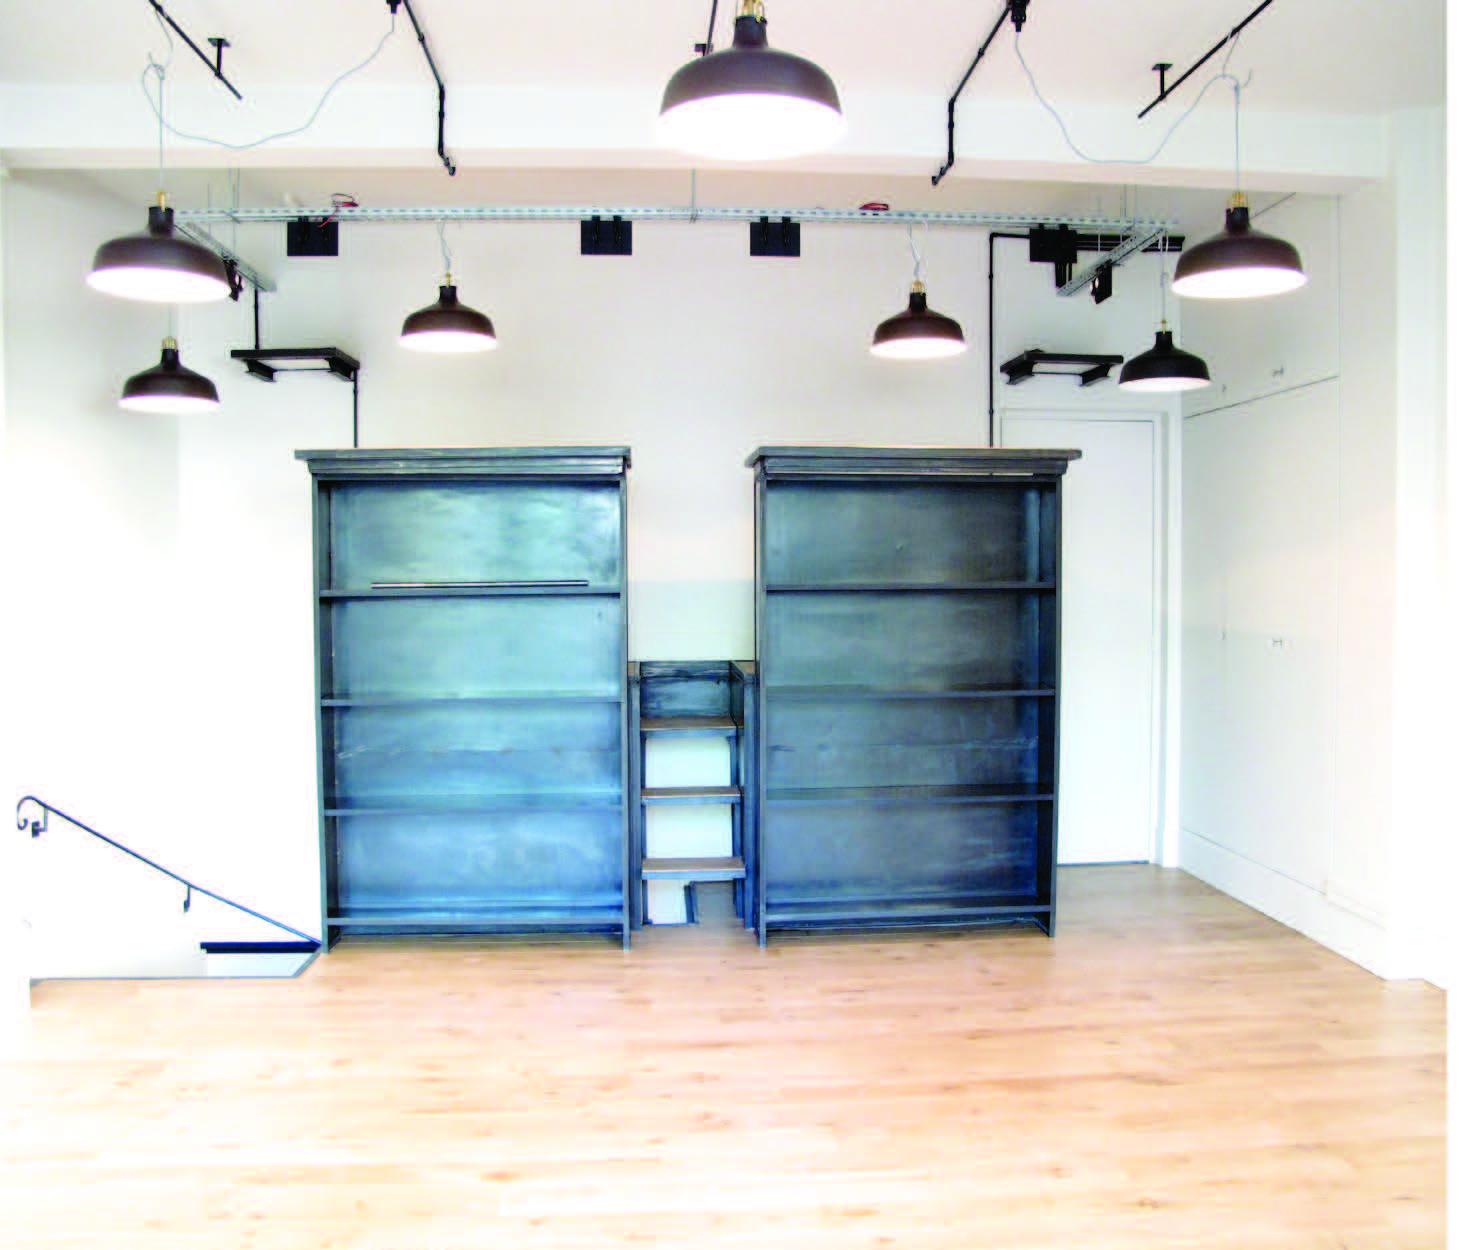 atelier boutique en duplex 2 entr es 64 m2 rdc sous. Black Bedroom Furniture Sets. Home Design Ideas